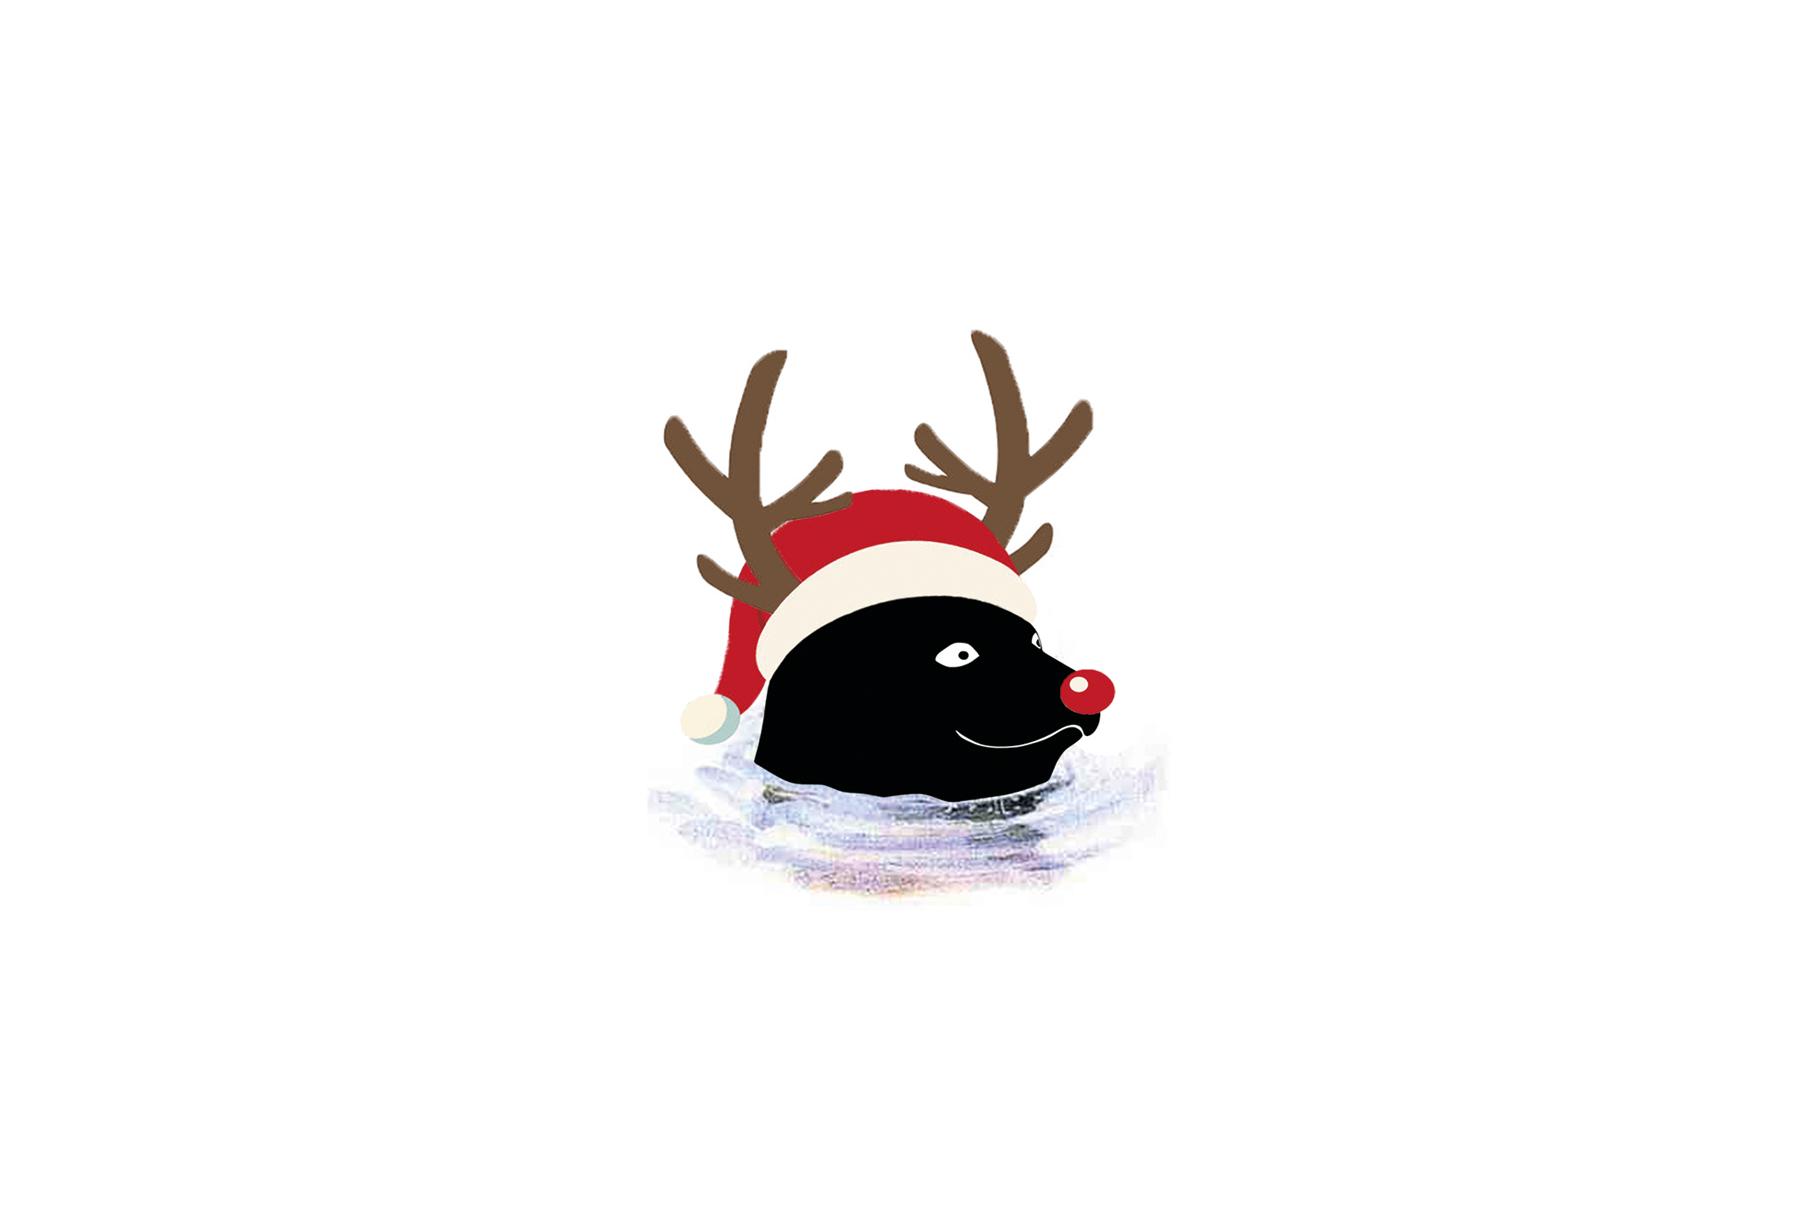 weihnachten-neu-jahr-seehund-mdeia